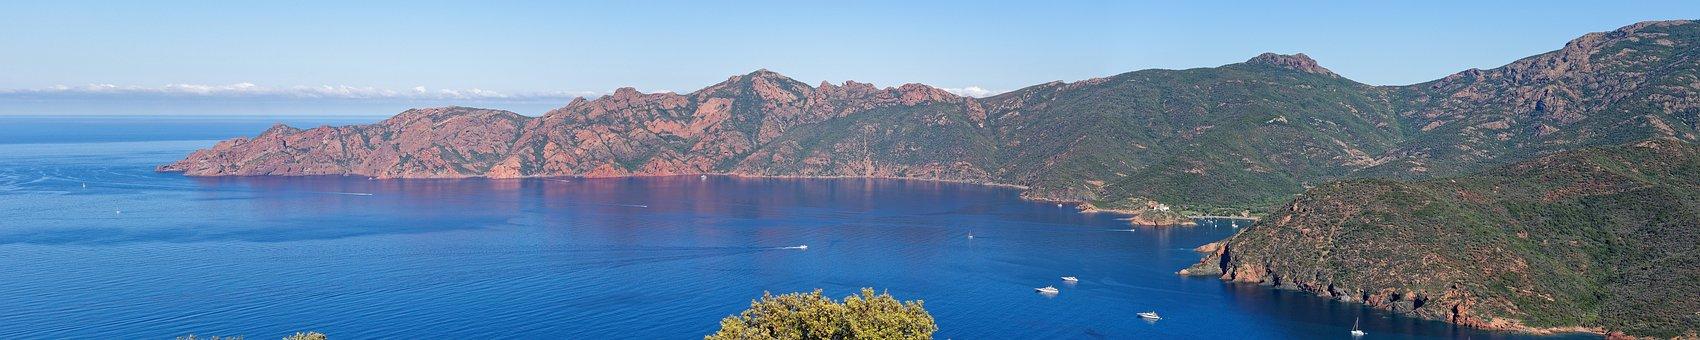 Sea, Mountains, Boats, Golf Of Girolata, Corsica